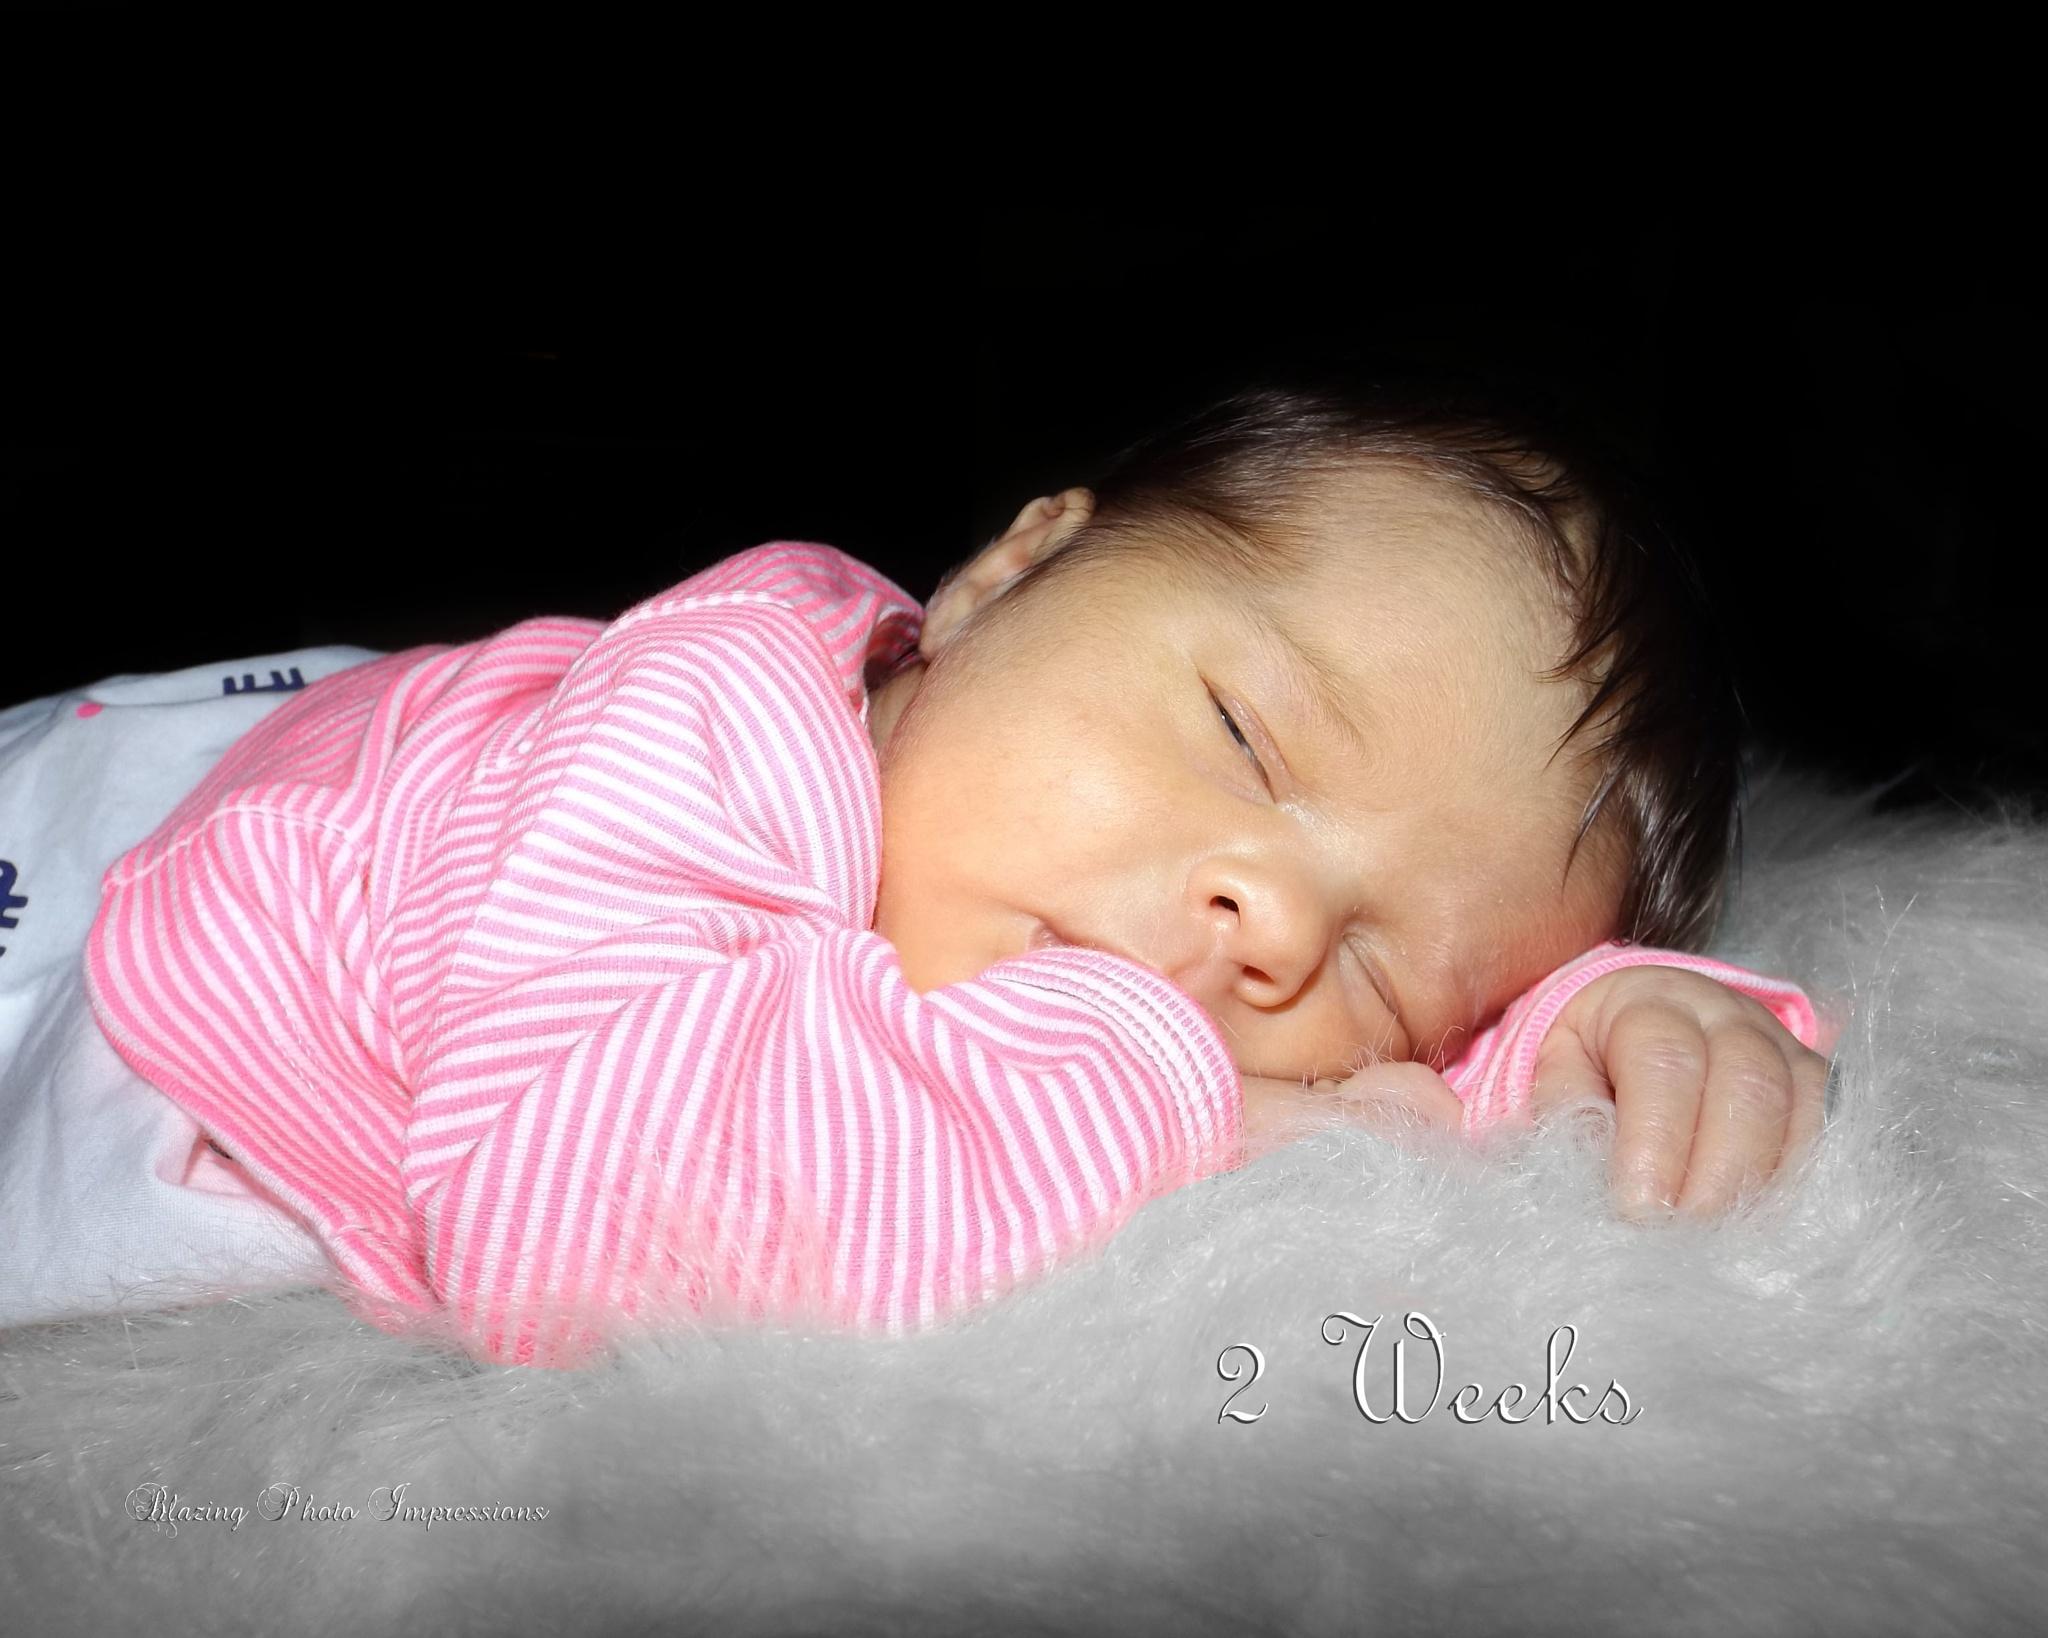 2 weeks old by Nanehi Moon